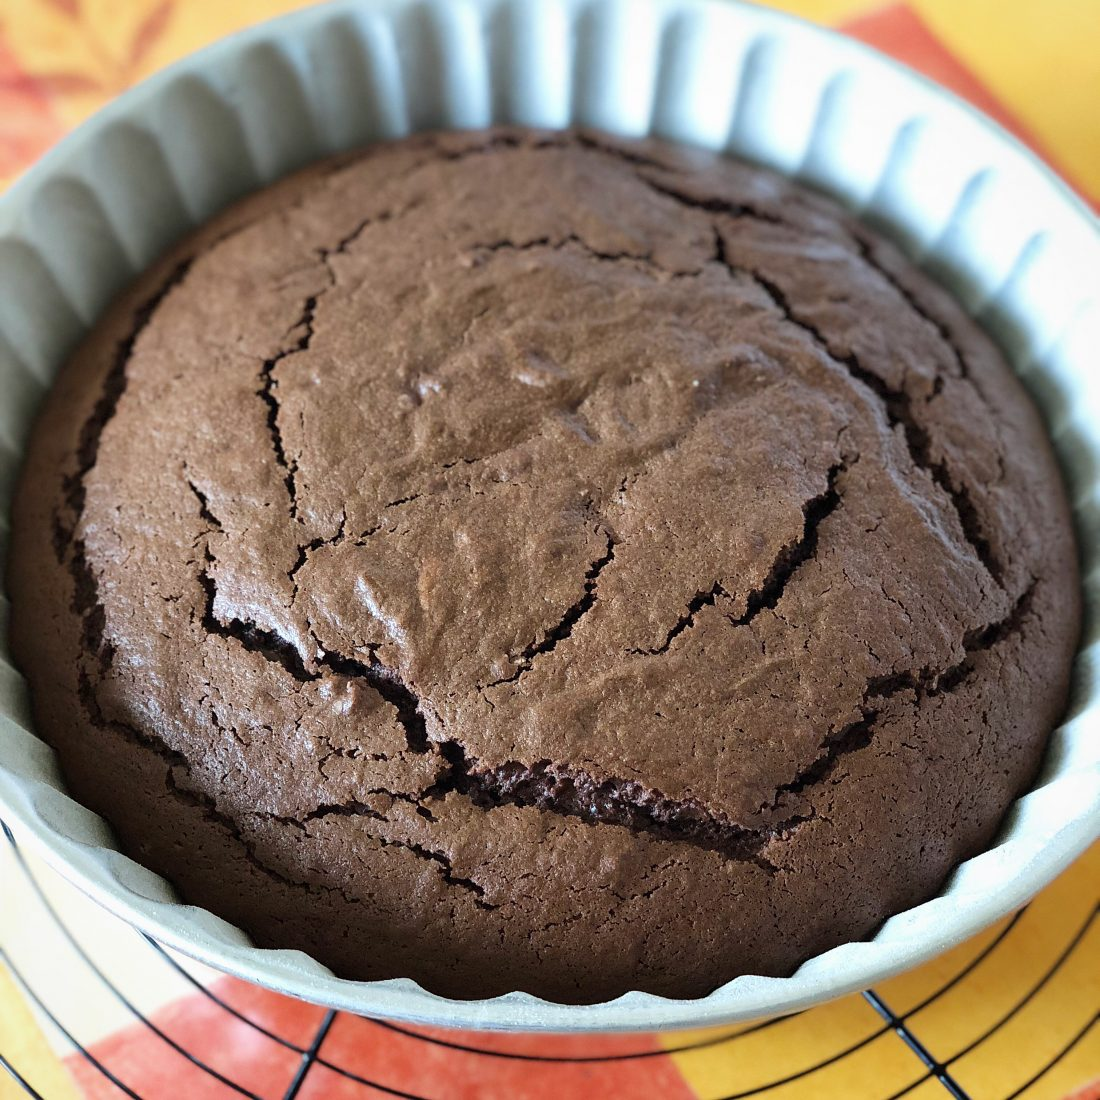 Voici un gâteau au chocolat ultra simple à réaliser et qui fera le bonheur de vos goûters !!